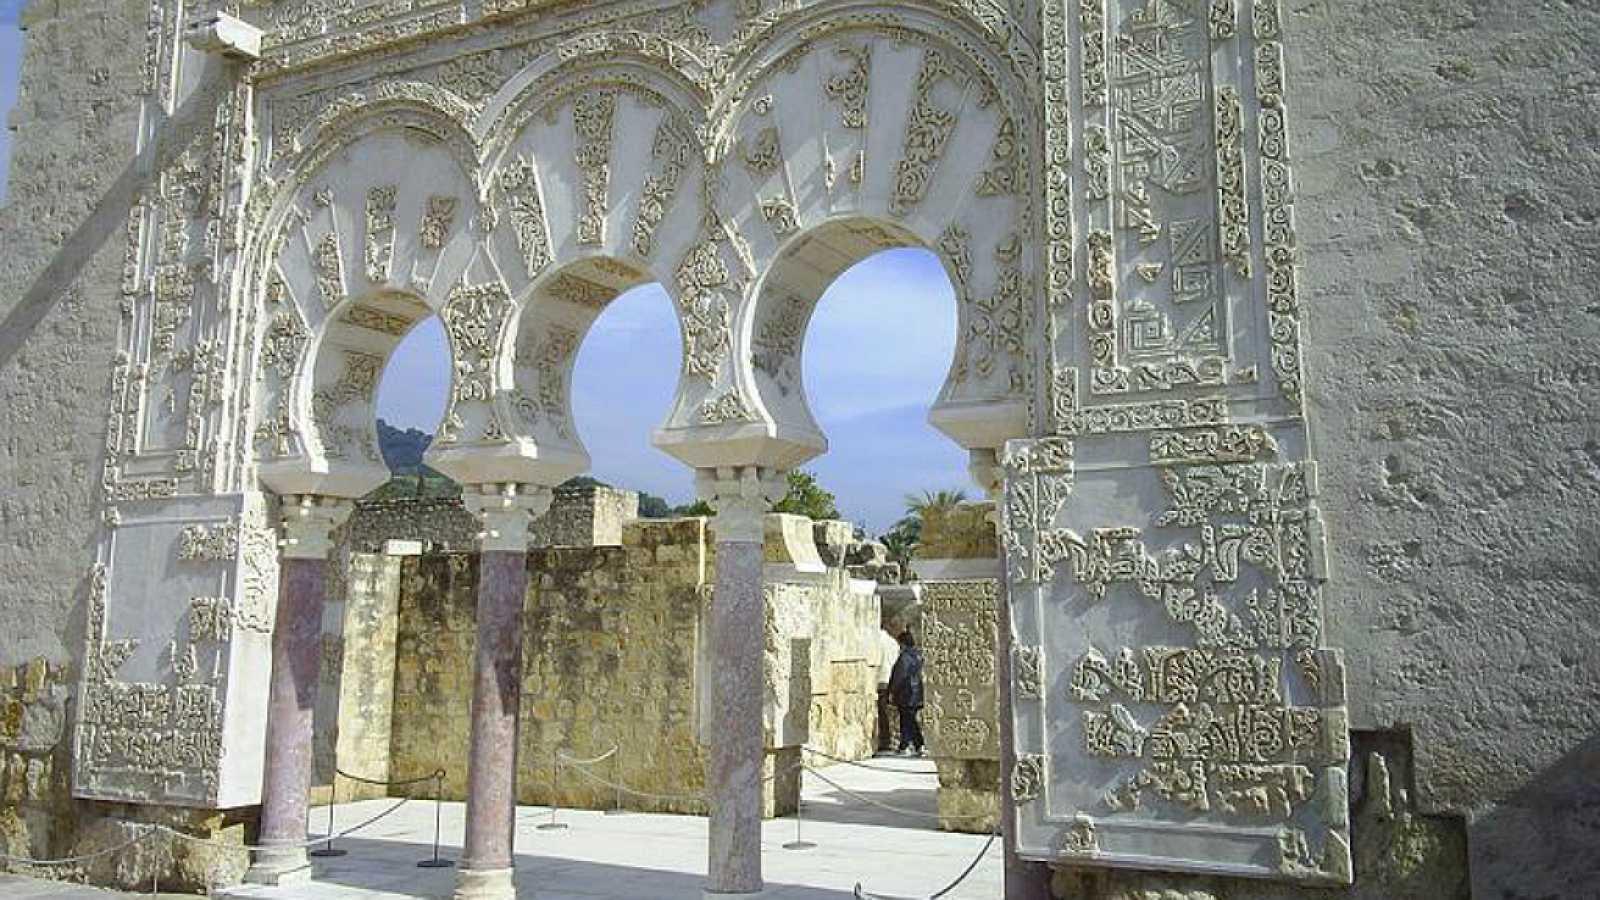 Turismo en comunidad - Córdoba es líder en Patrimonio de la Humanidad - 25/07/18 - escuchar ahora